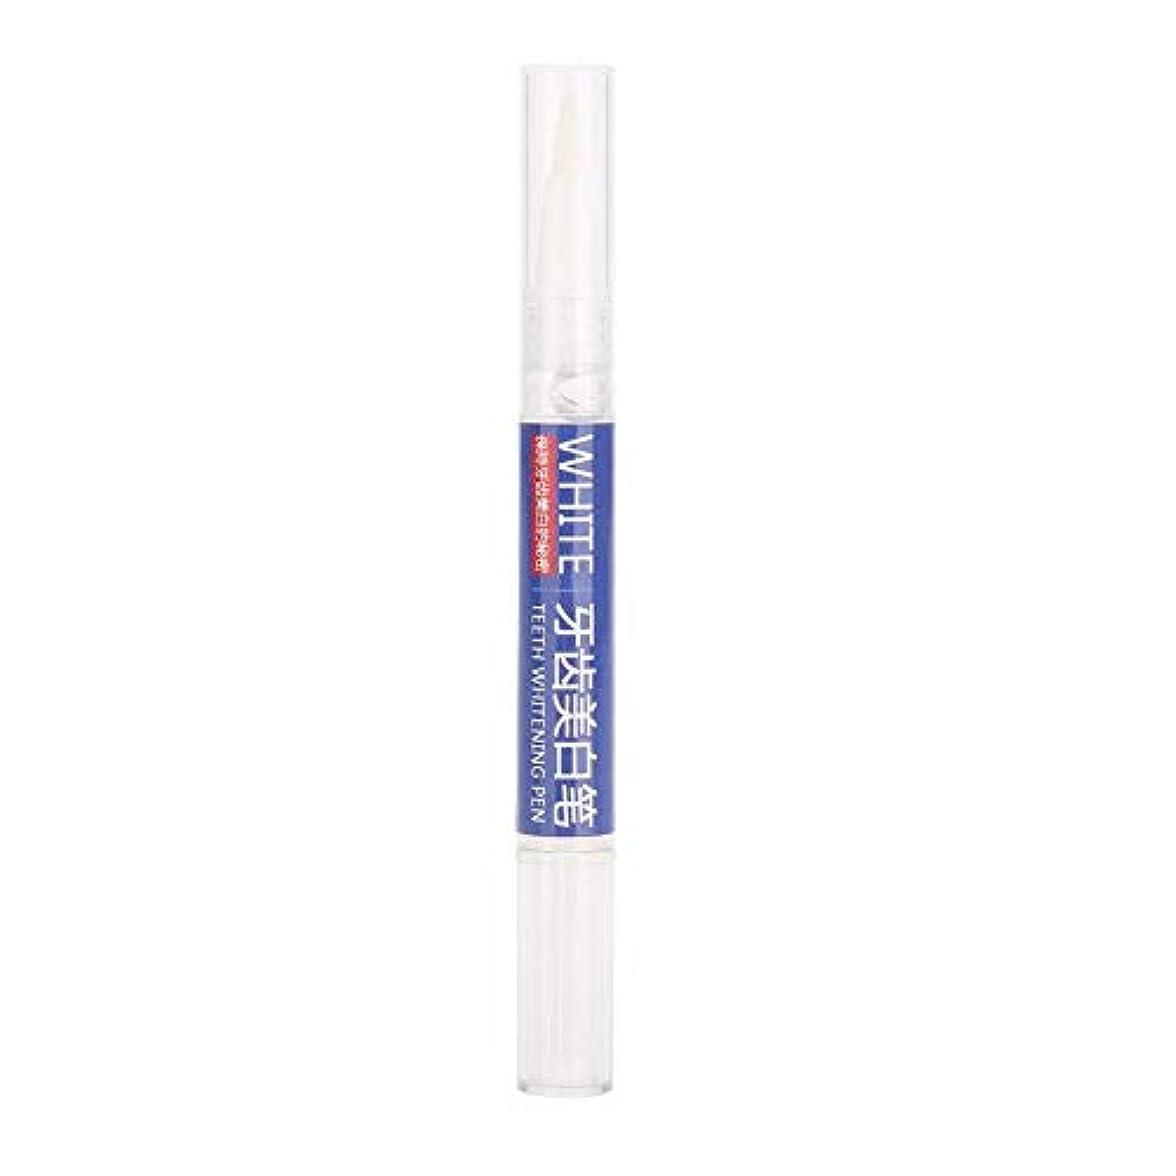 ホワイトニングトゥースペン3mlイエロートゥースシガレット汚れ除去ホワイトニングホワイトニングトゥースジェルペン